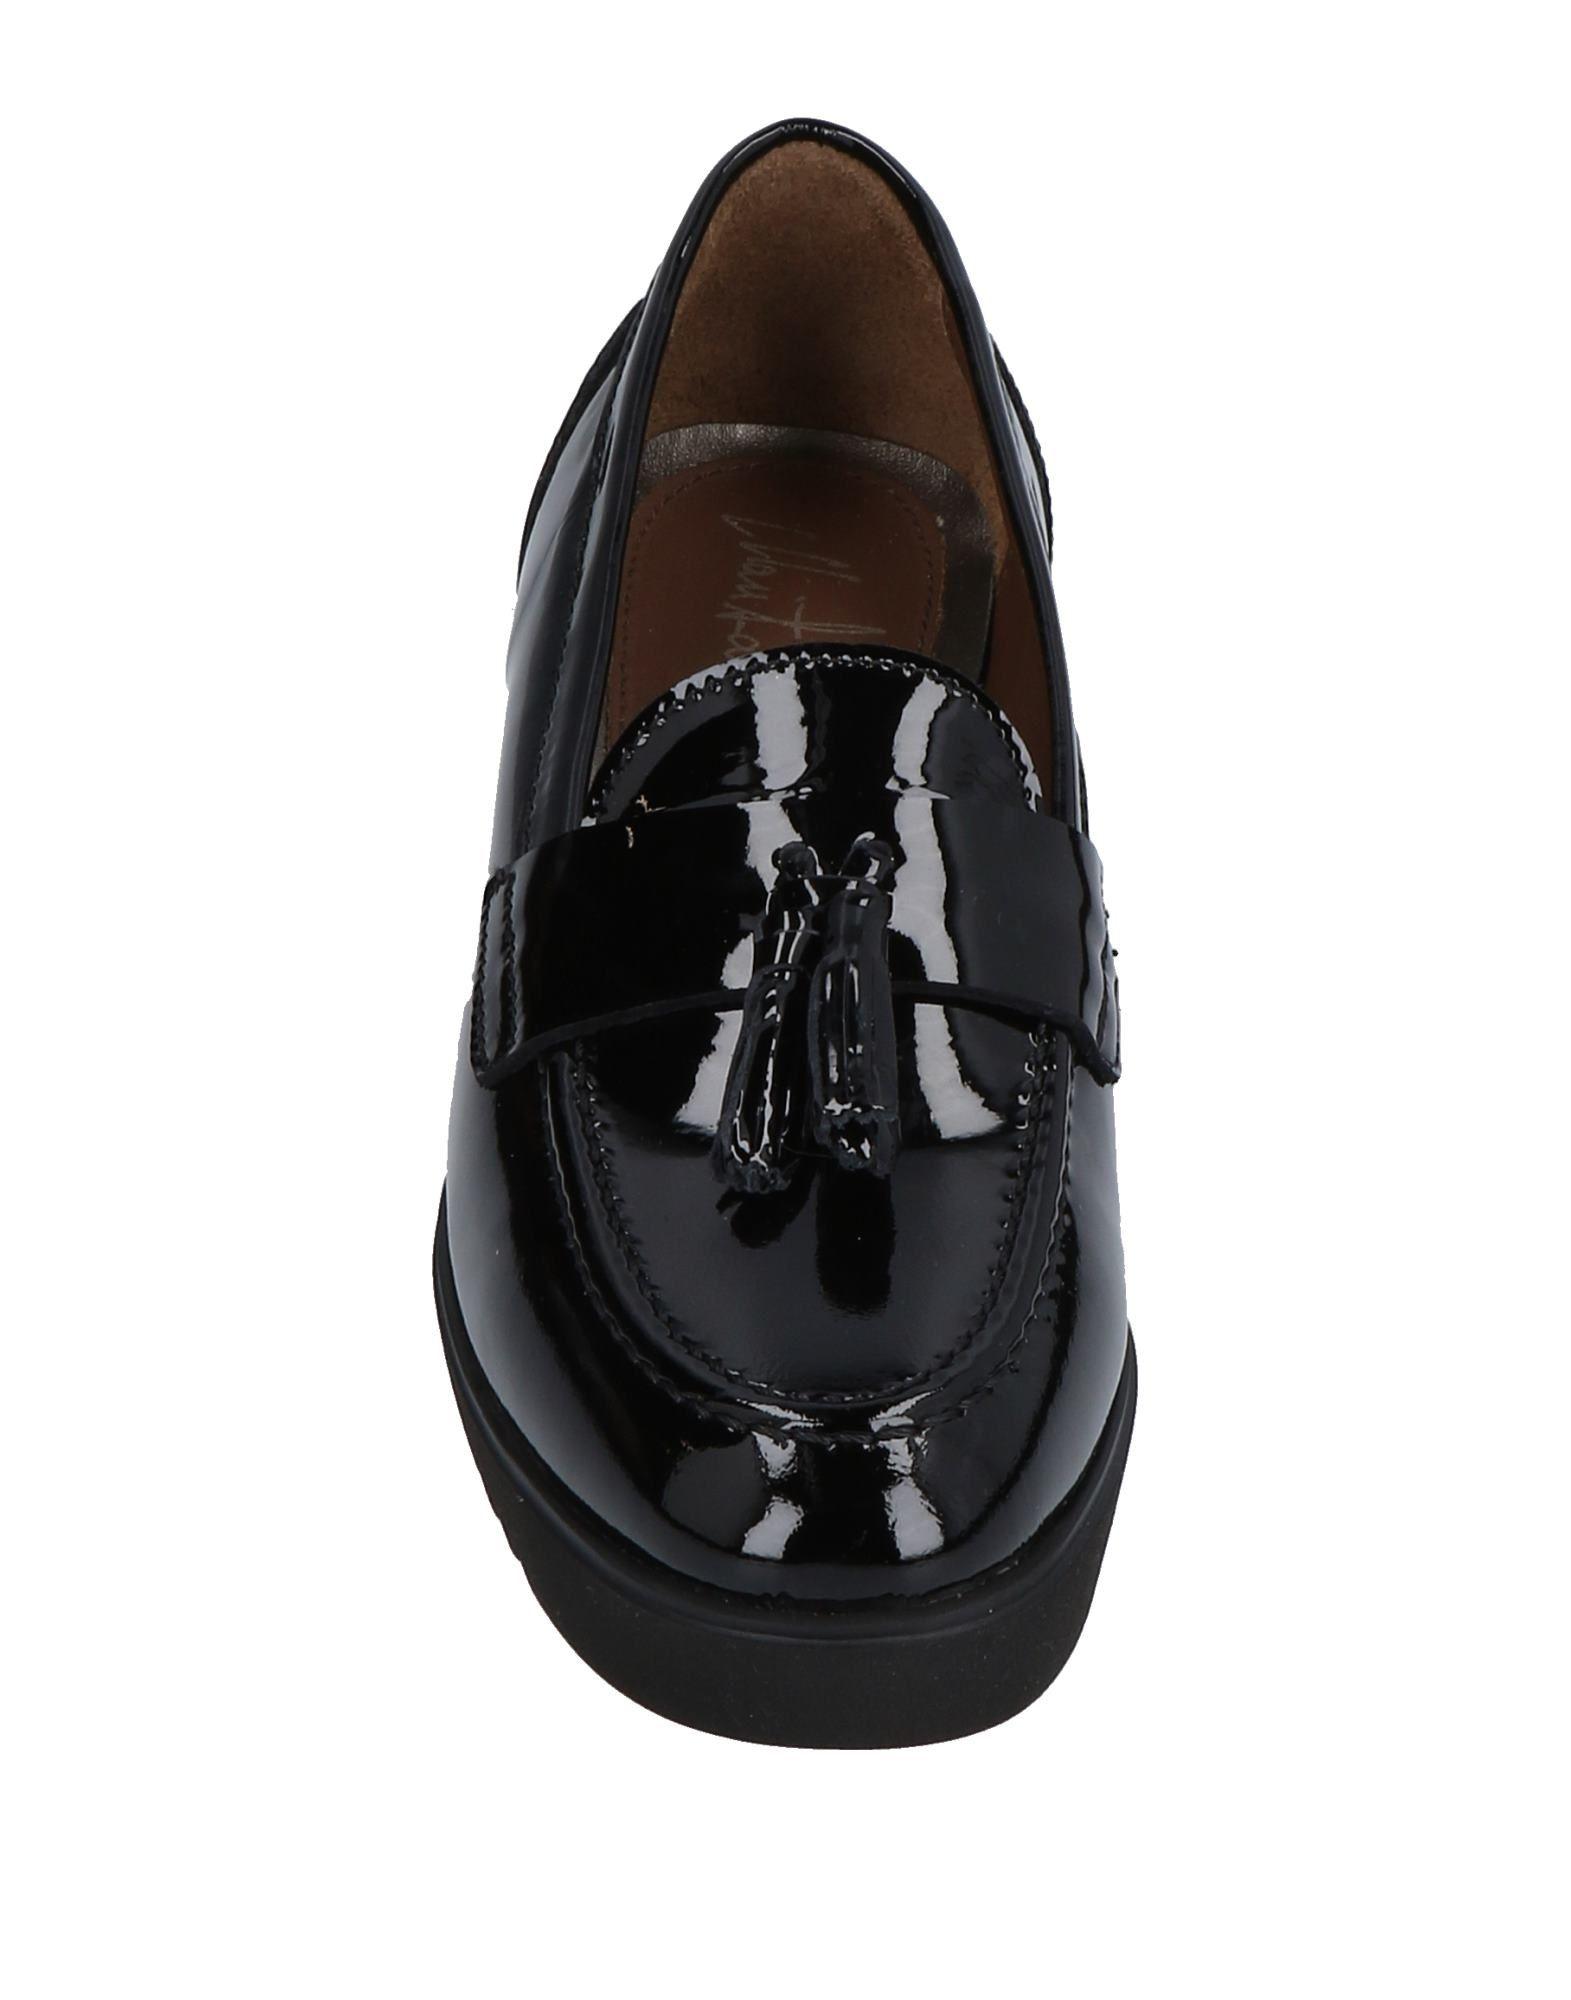 Maritan G Mokassins Damen  11499362HN Gute Qualität beliebte Schuhe